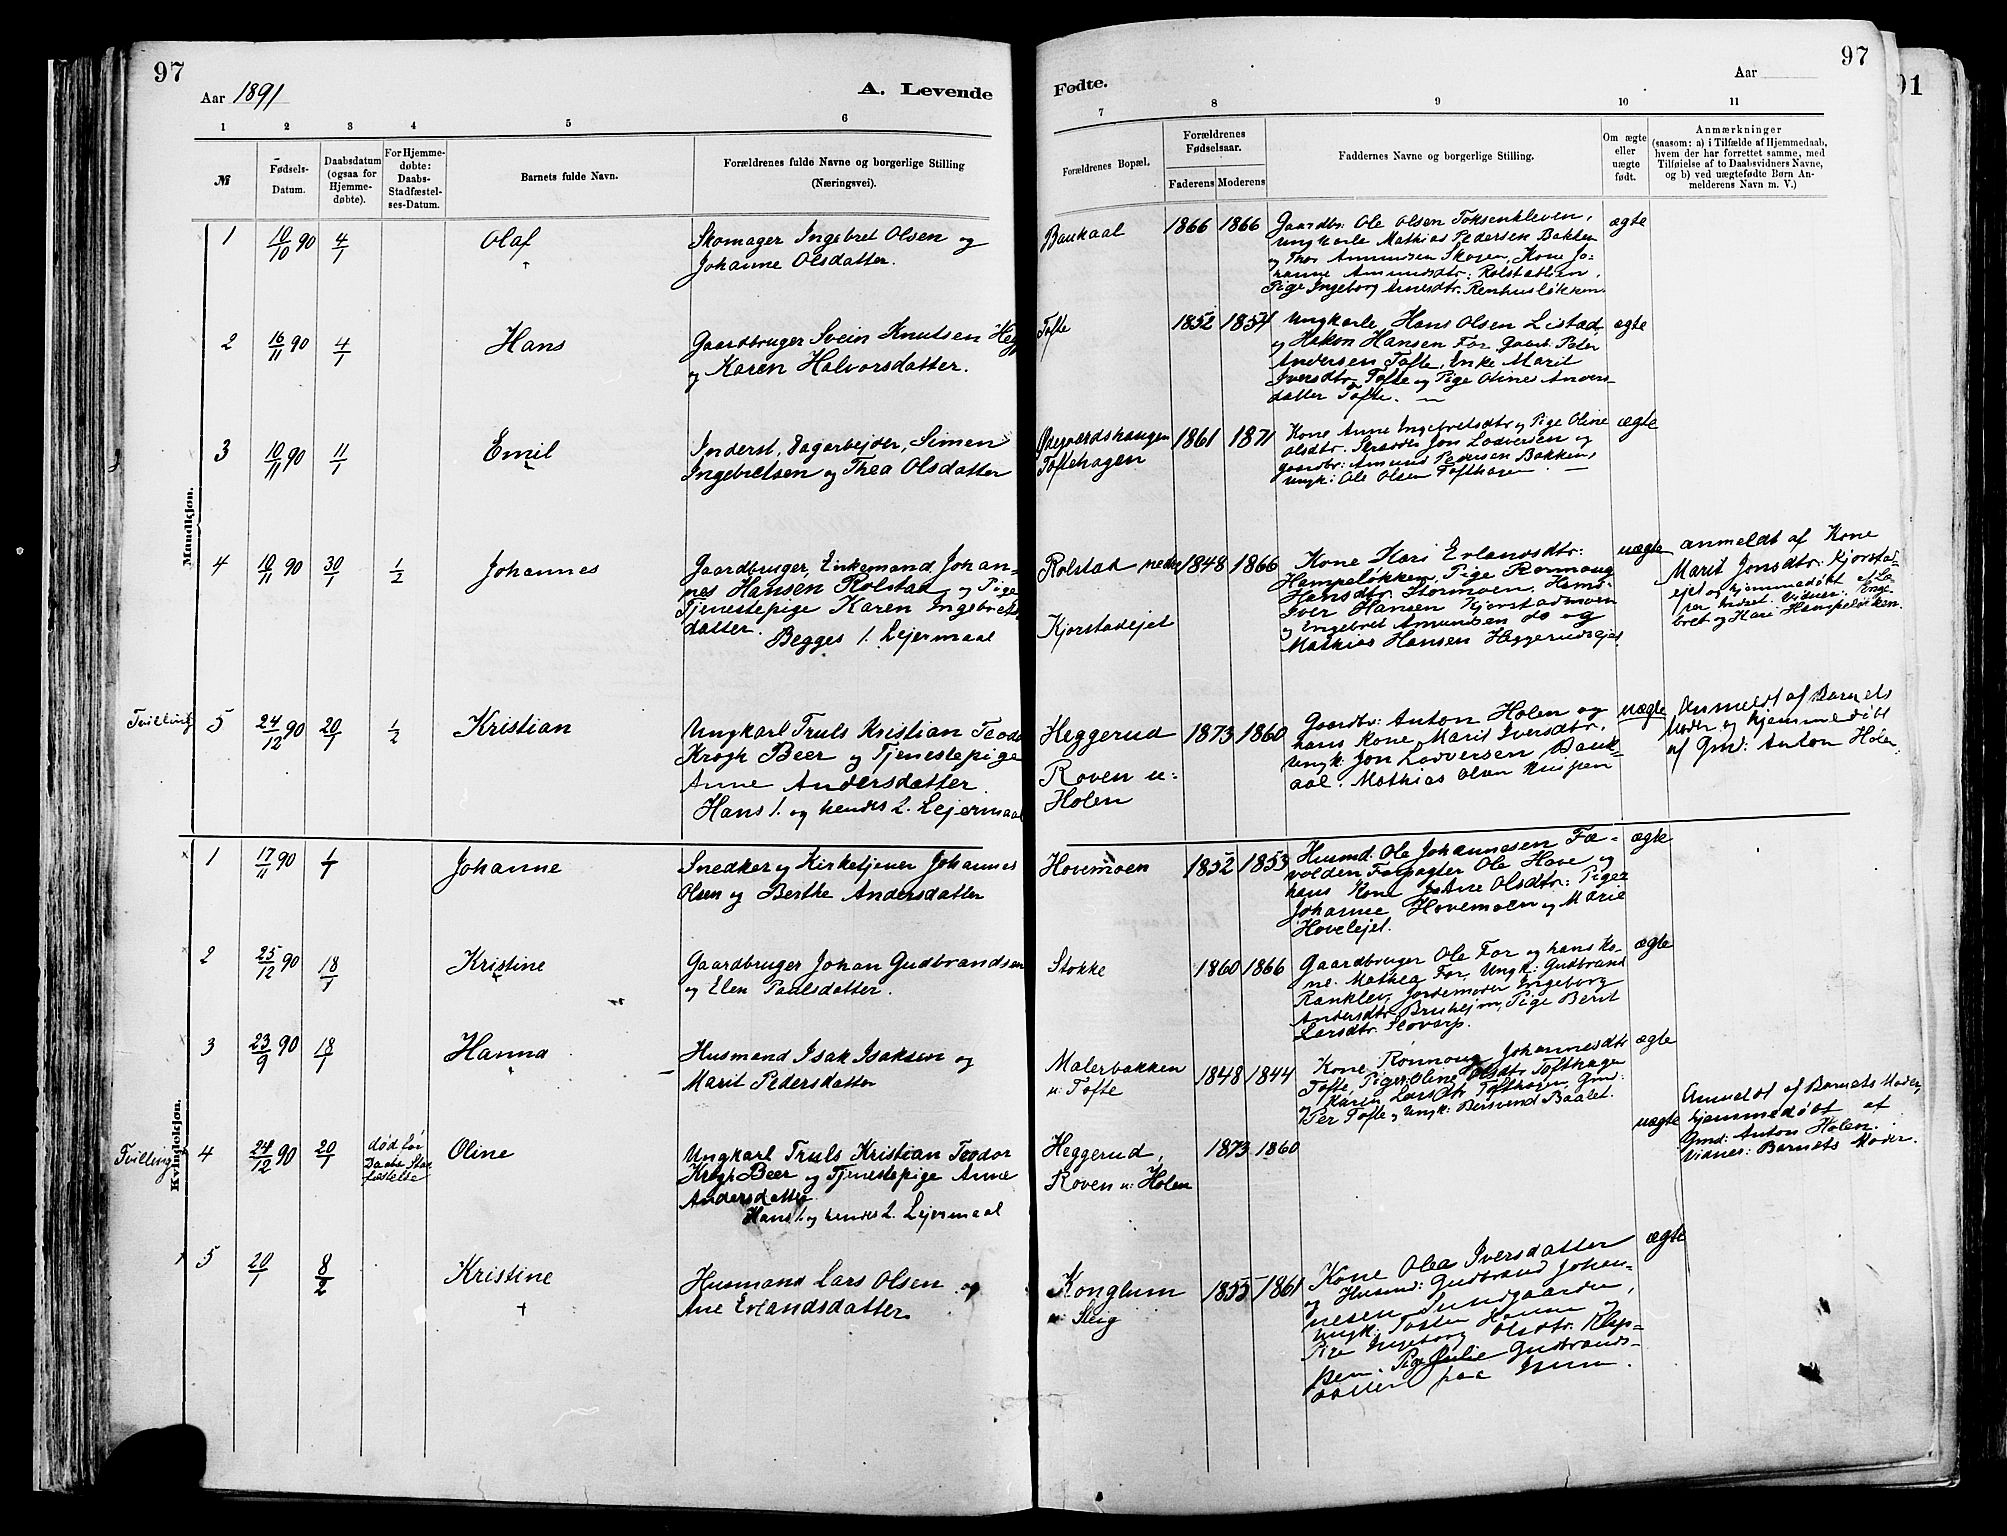 SAH, Sør-Fron prestekontor, H/Ha/Haa/L0003: Ministerialbok nr. 3, 1881-1897, s. 97